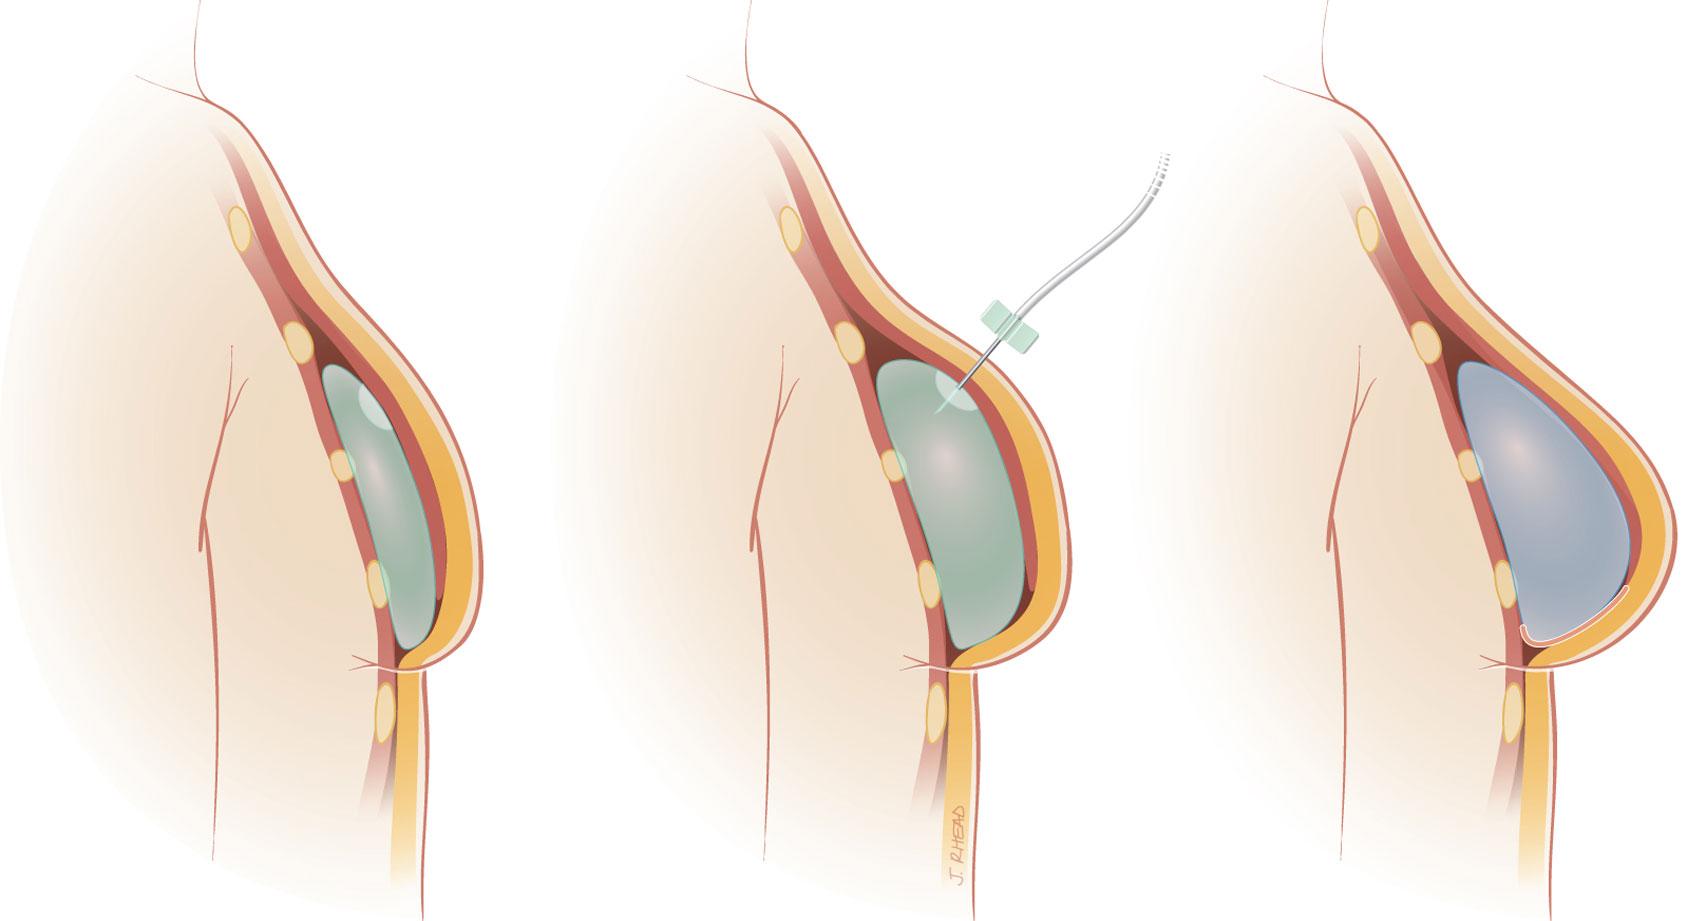 powiększenie piersi implanty 1dayclinic szpital gdańsk